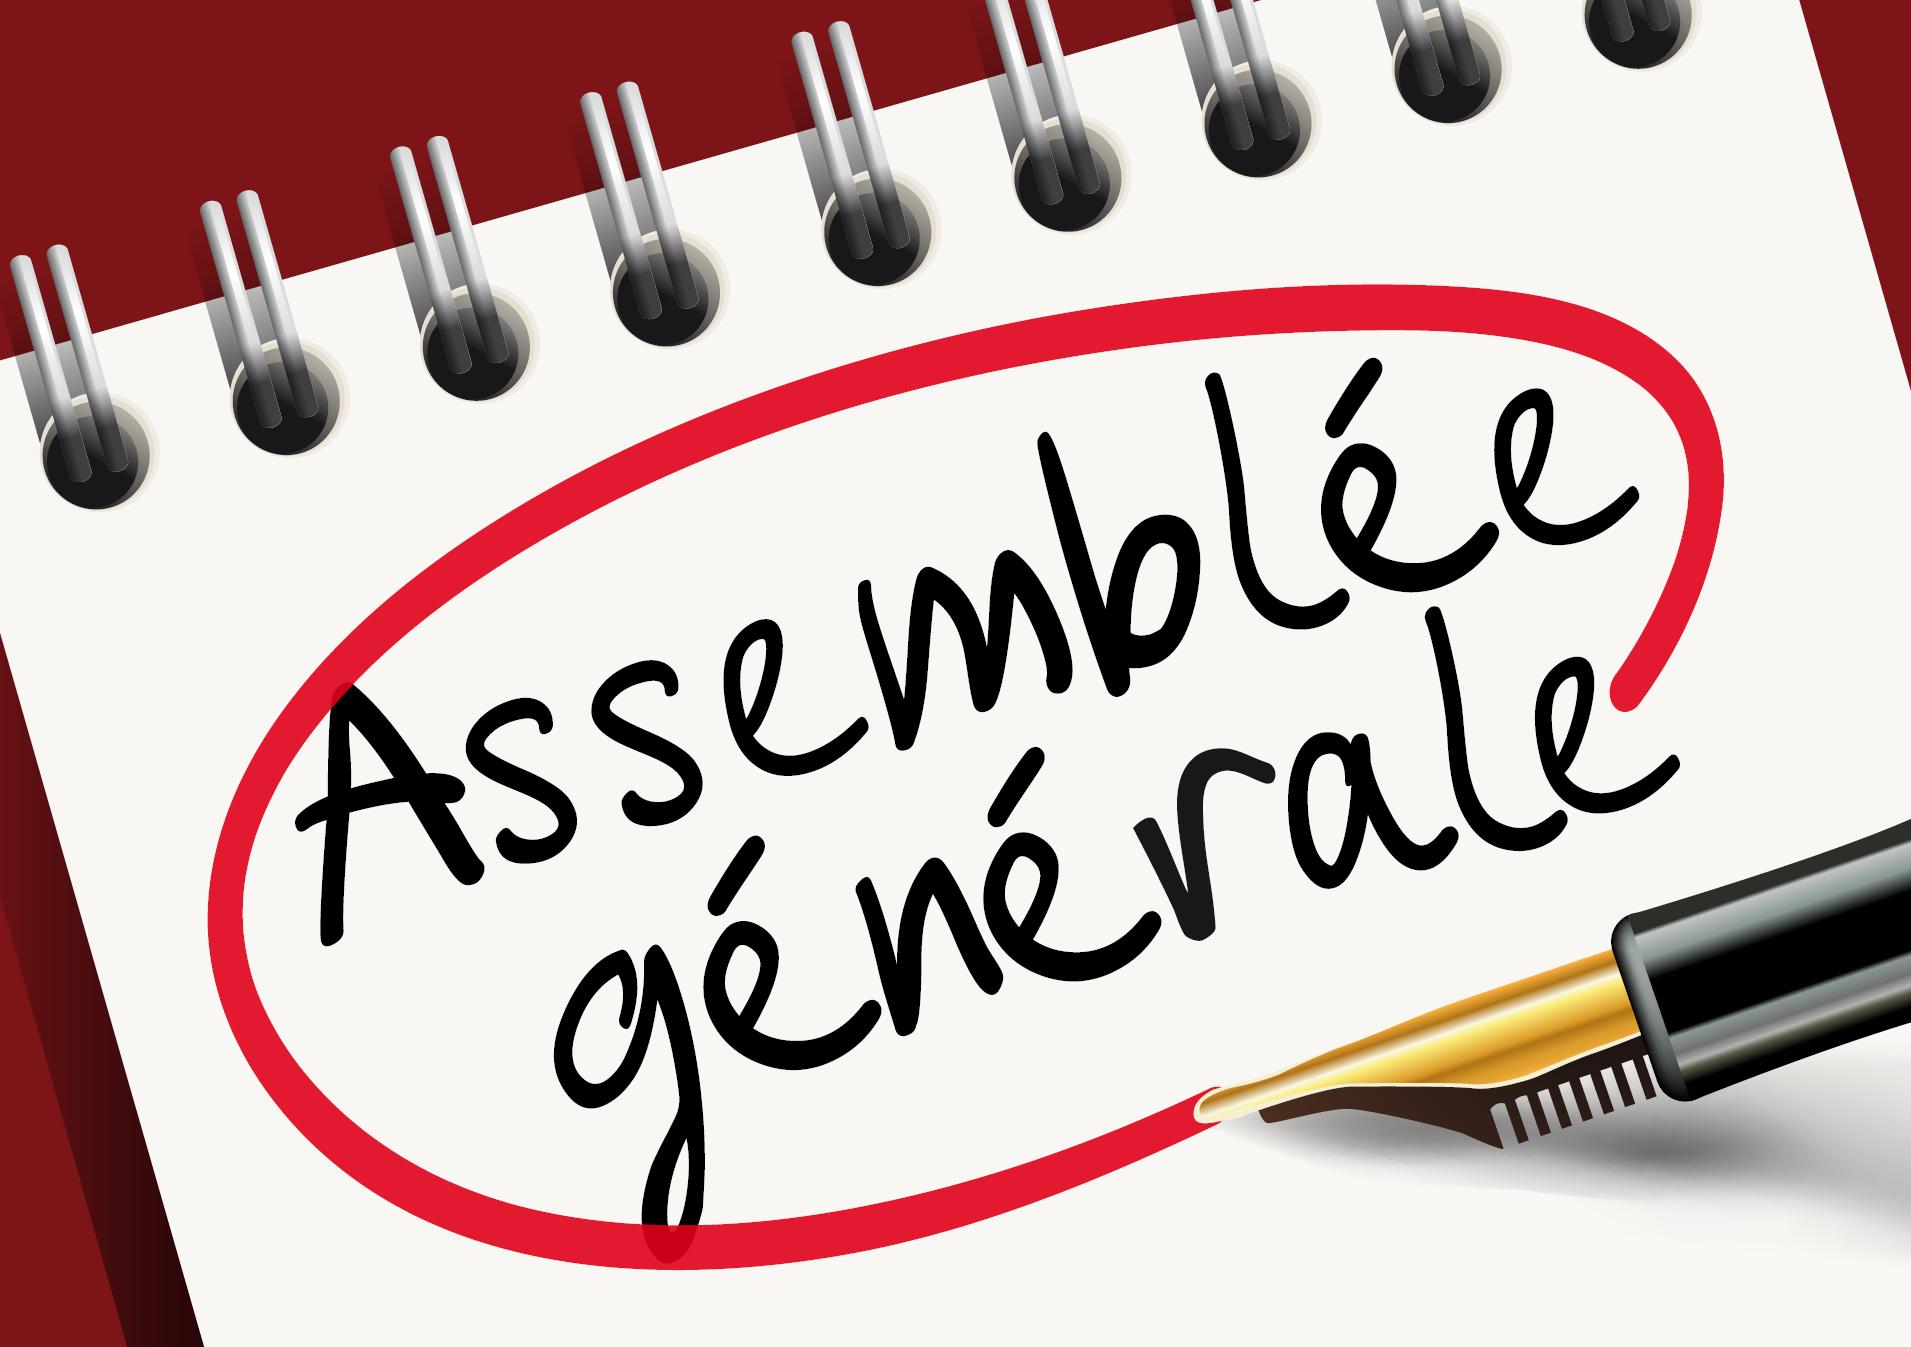 «Où en est-on en matière d'Assemblée Générale de copropriété», Sophie Droller-Bolela, juriste immobilier co-fondatrice d'Immo-formation.fr